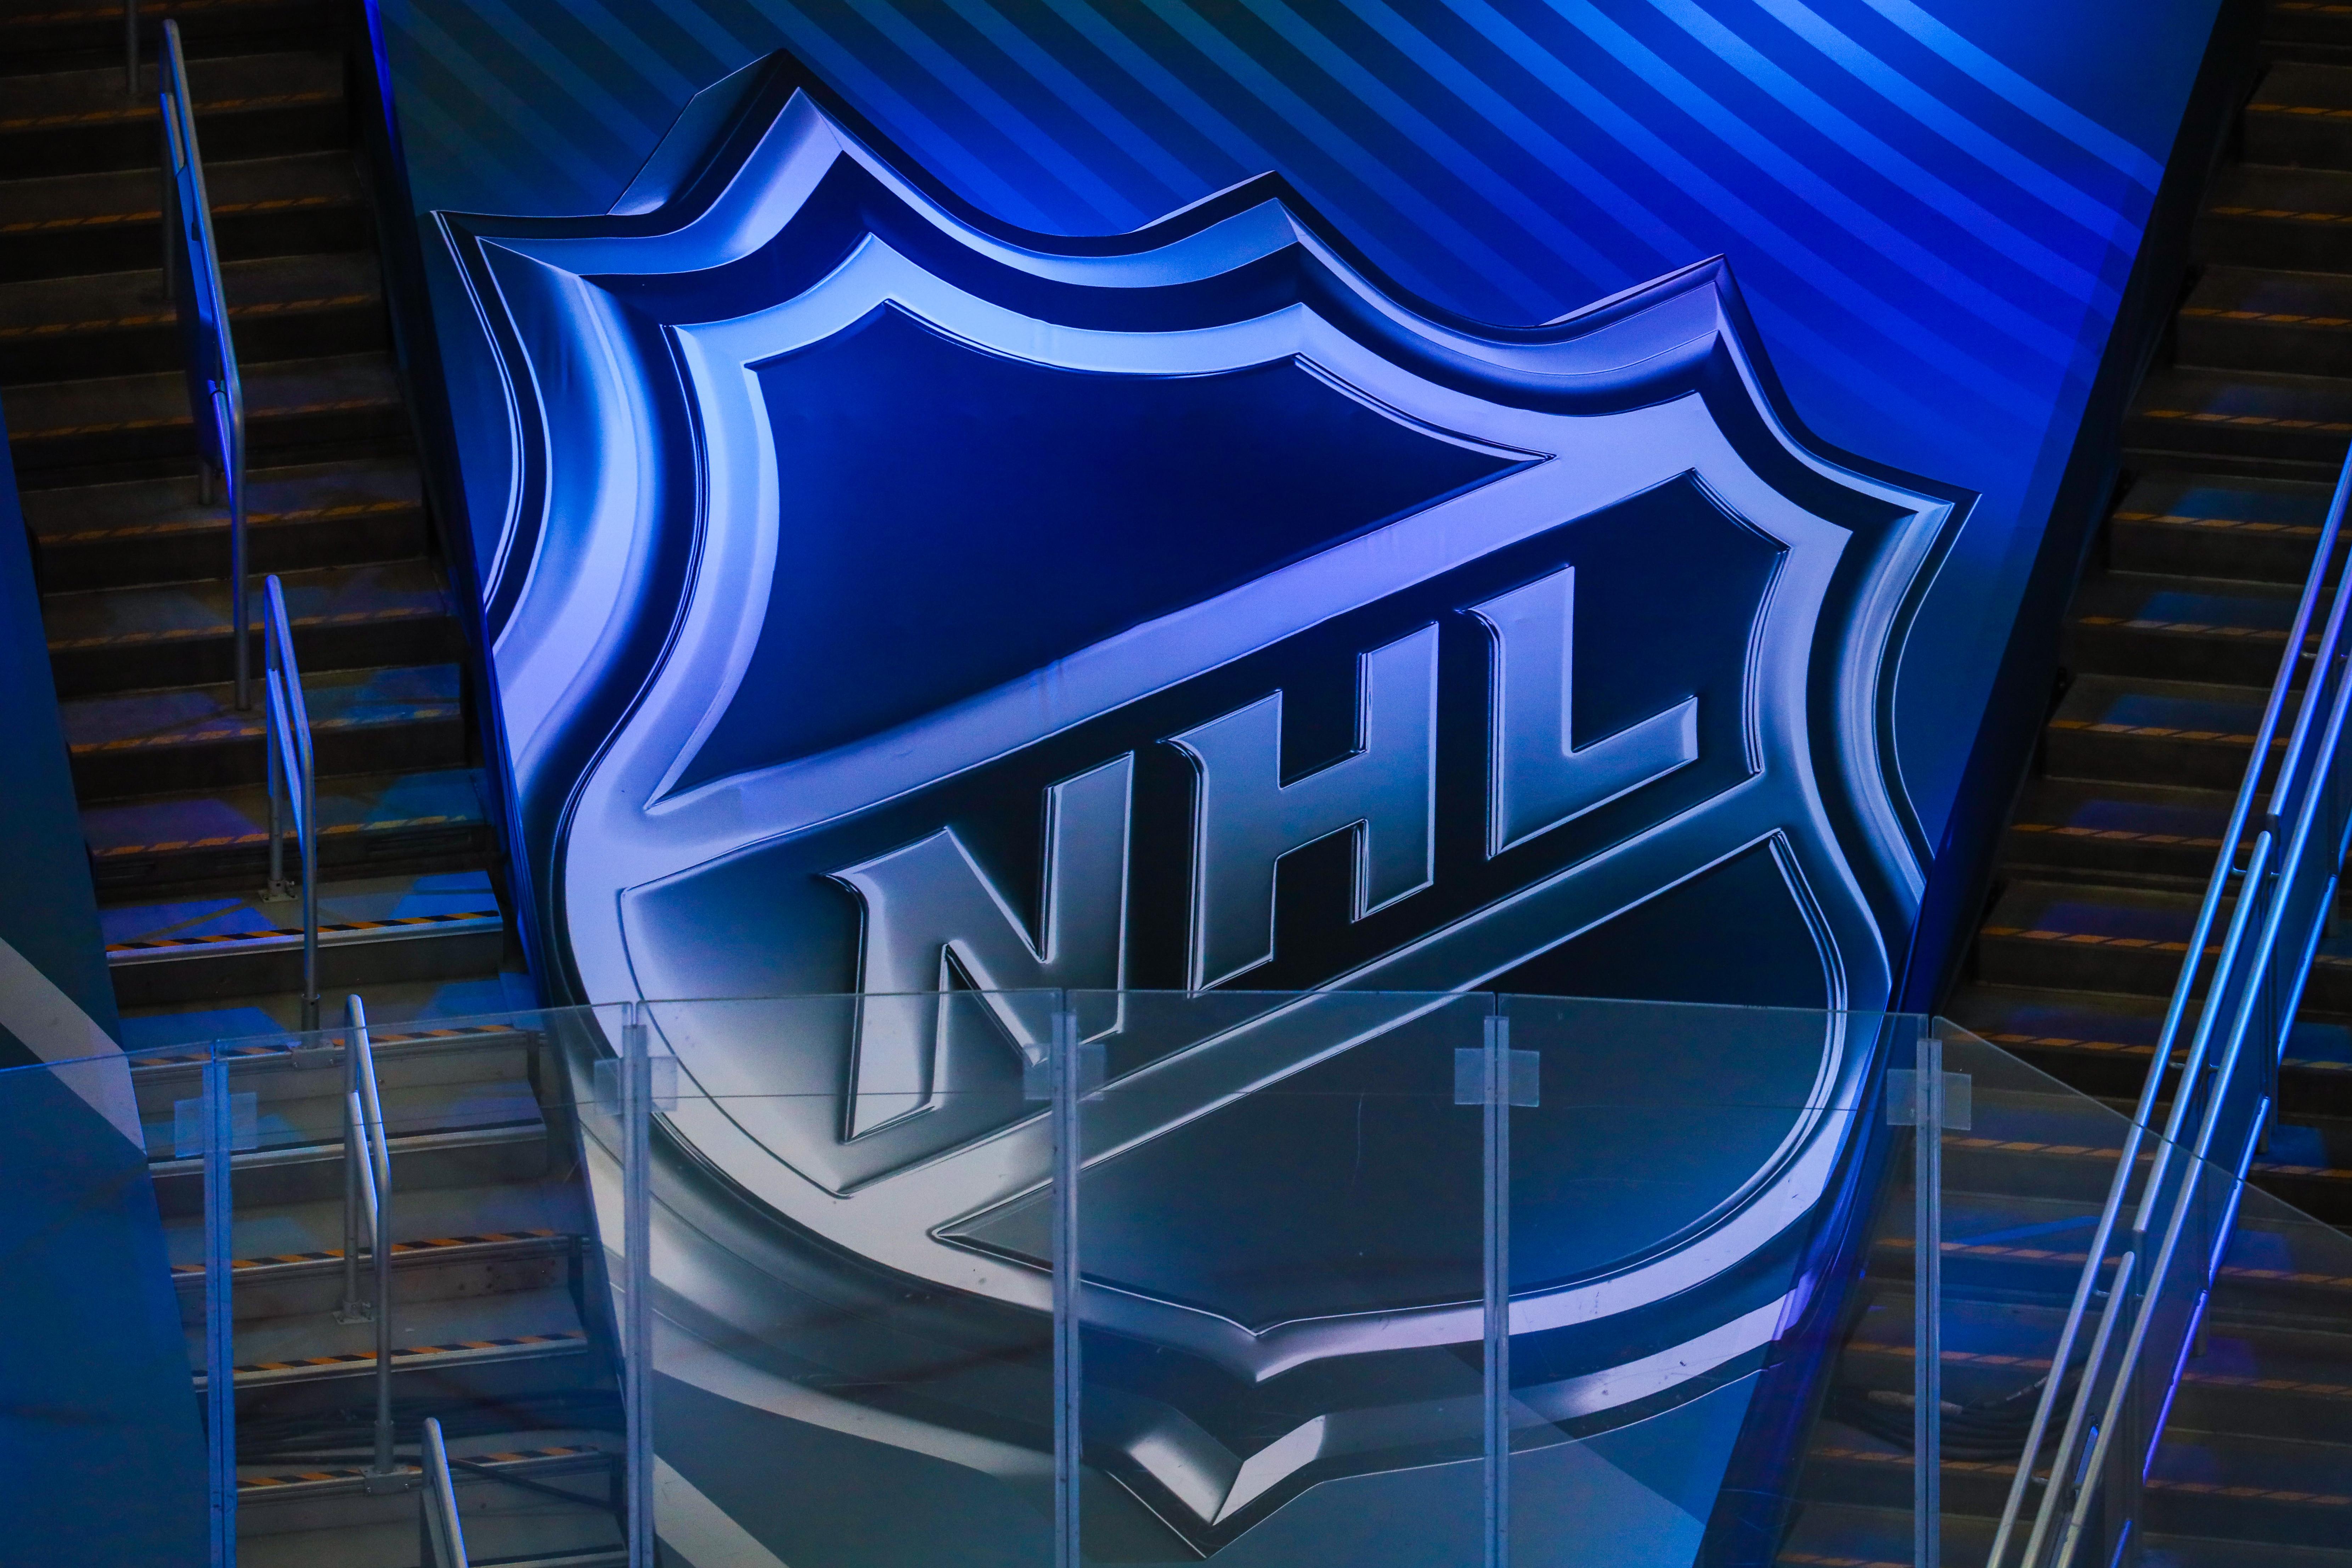 图为2020年斯坦利杯季后赛首轮第二场,达拉斯明星队和卡尔加里火焰队之间的热身期间,看台上NHL的标志。